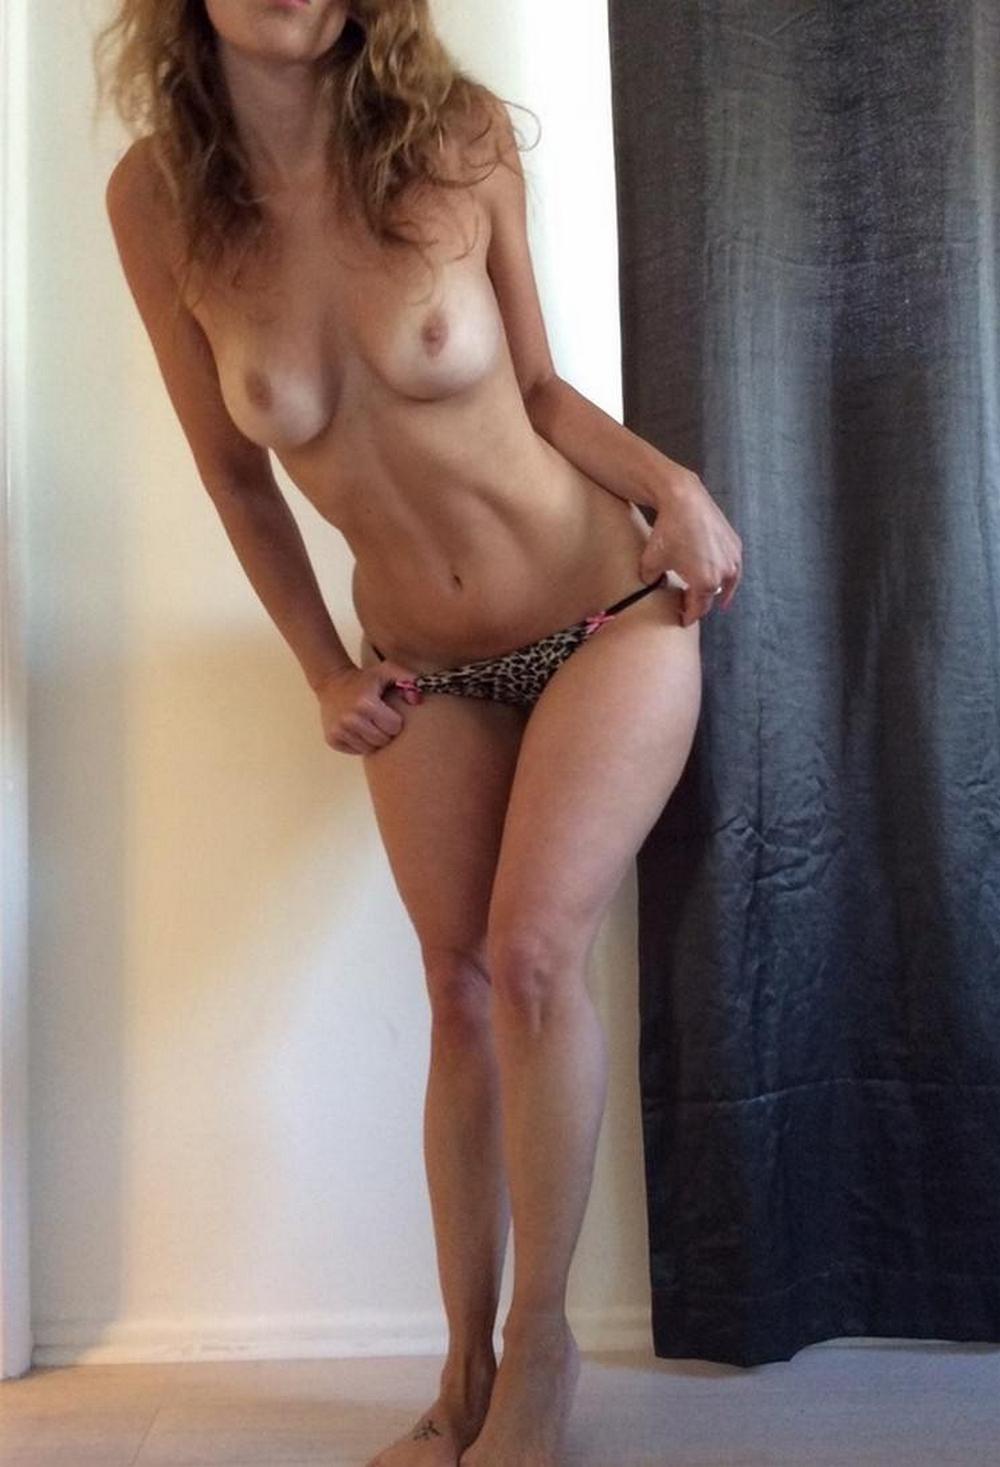 Соблазнительная леди оголяет свое милое тело без бикини